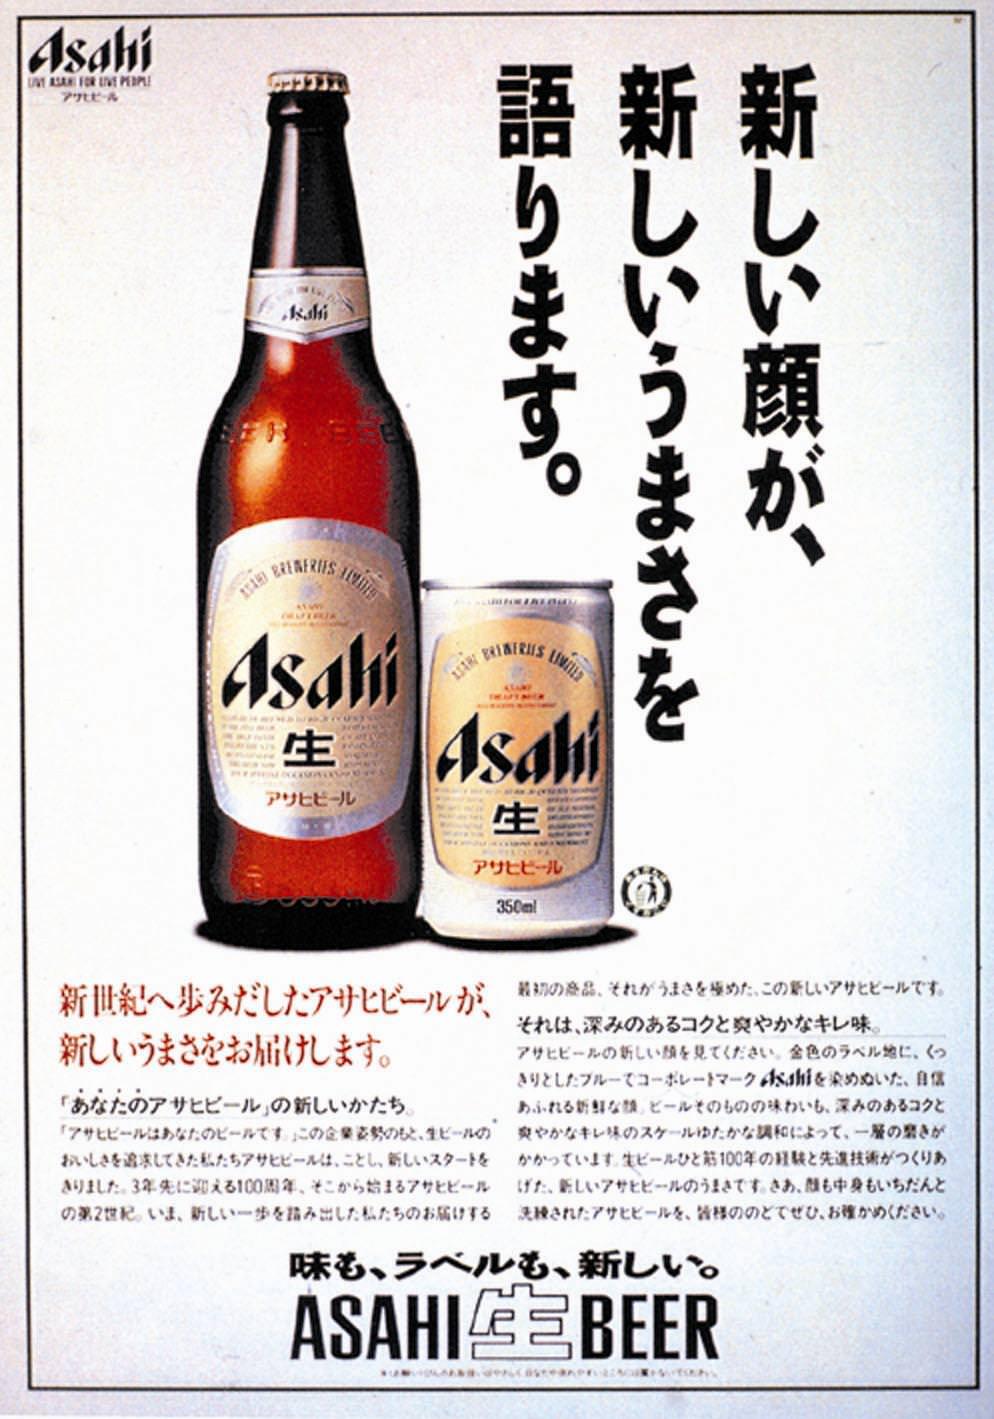 Asahi nama beer can 10002